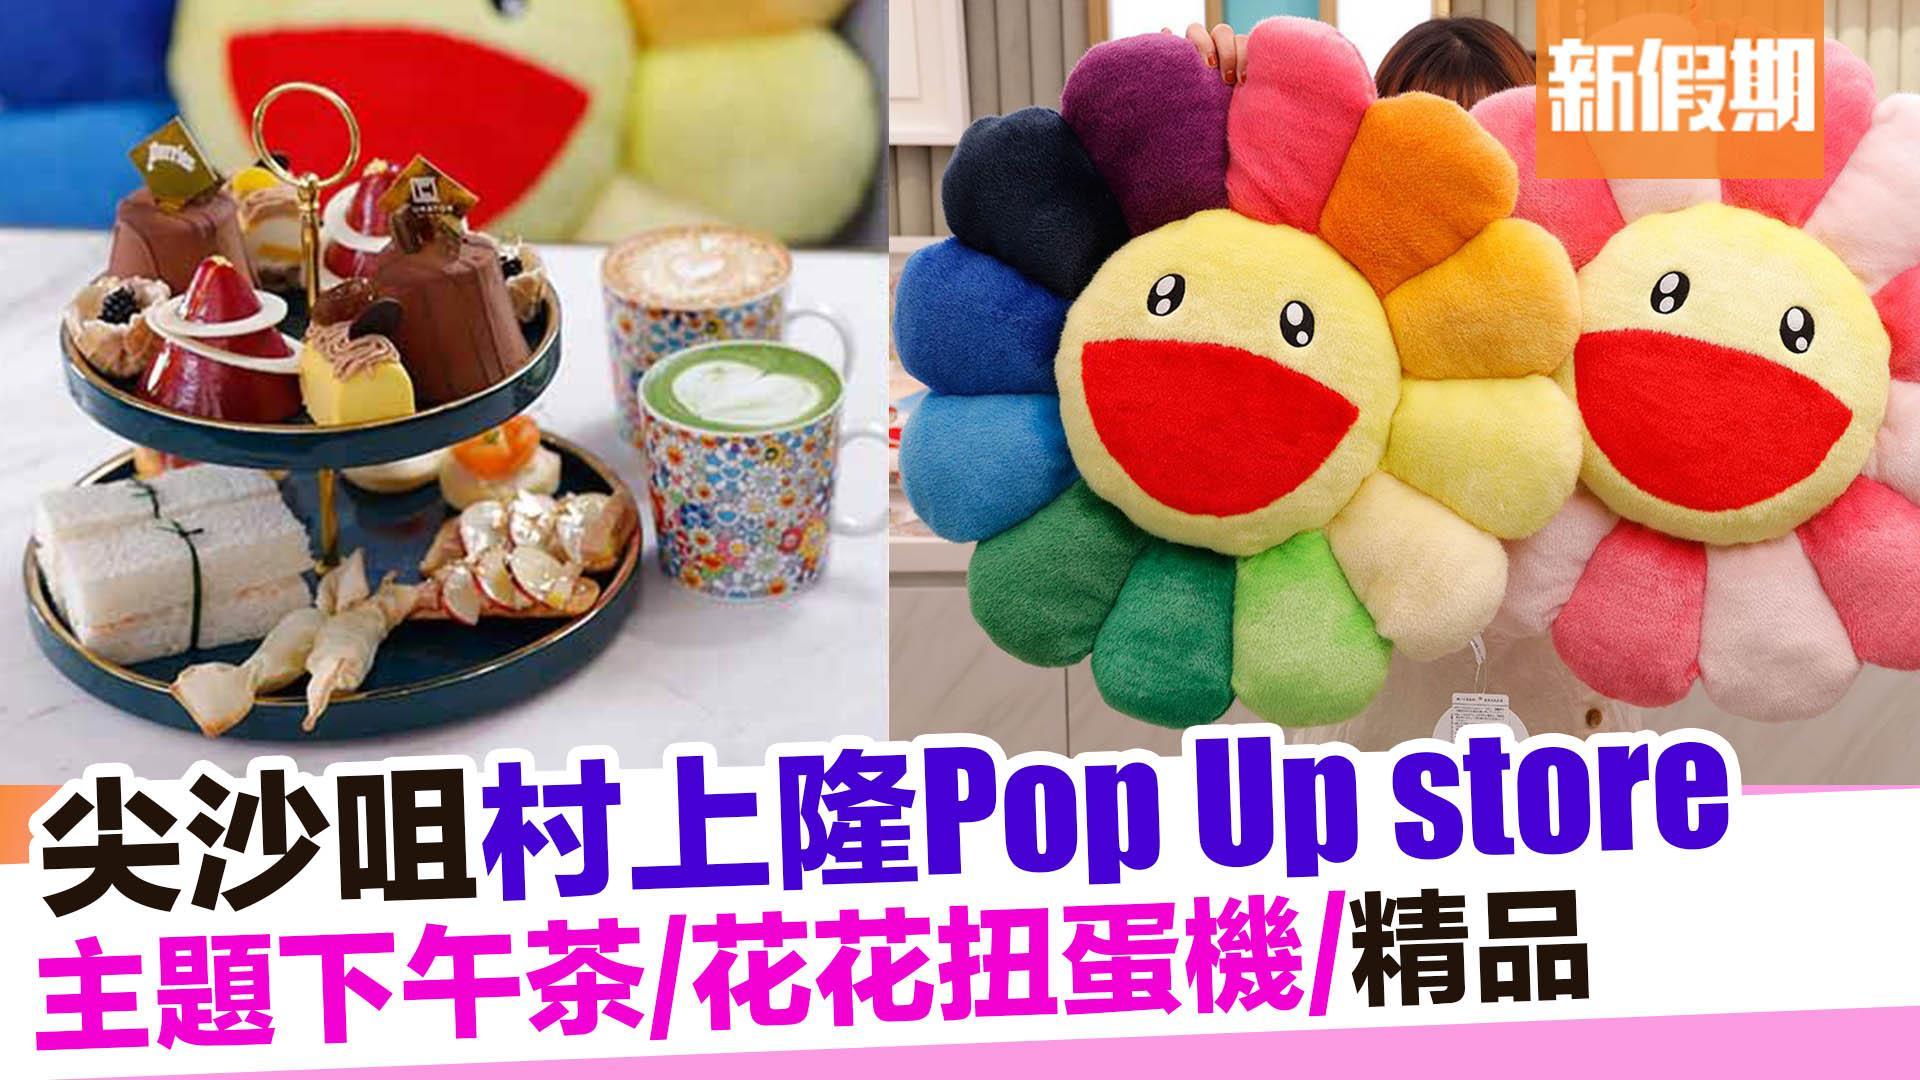 【區區搵食】村上隆尖沙咀Pop Up Store 新假期